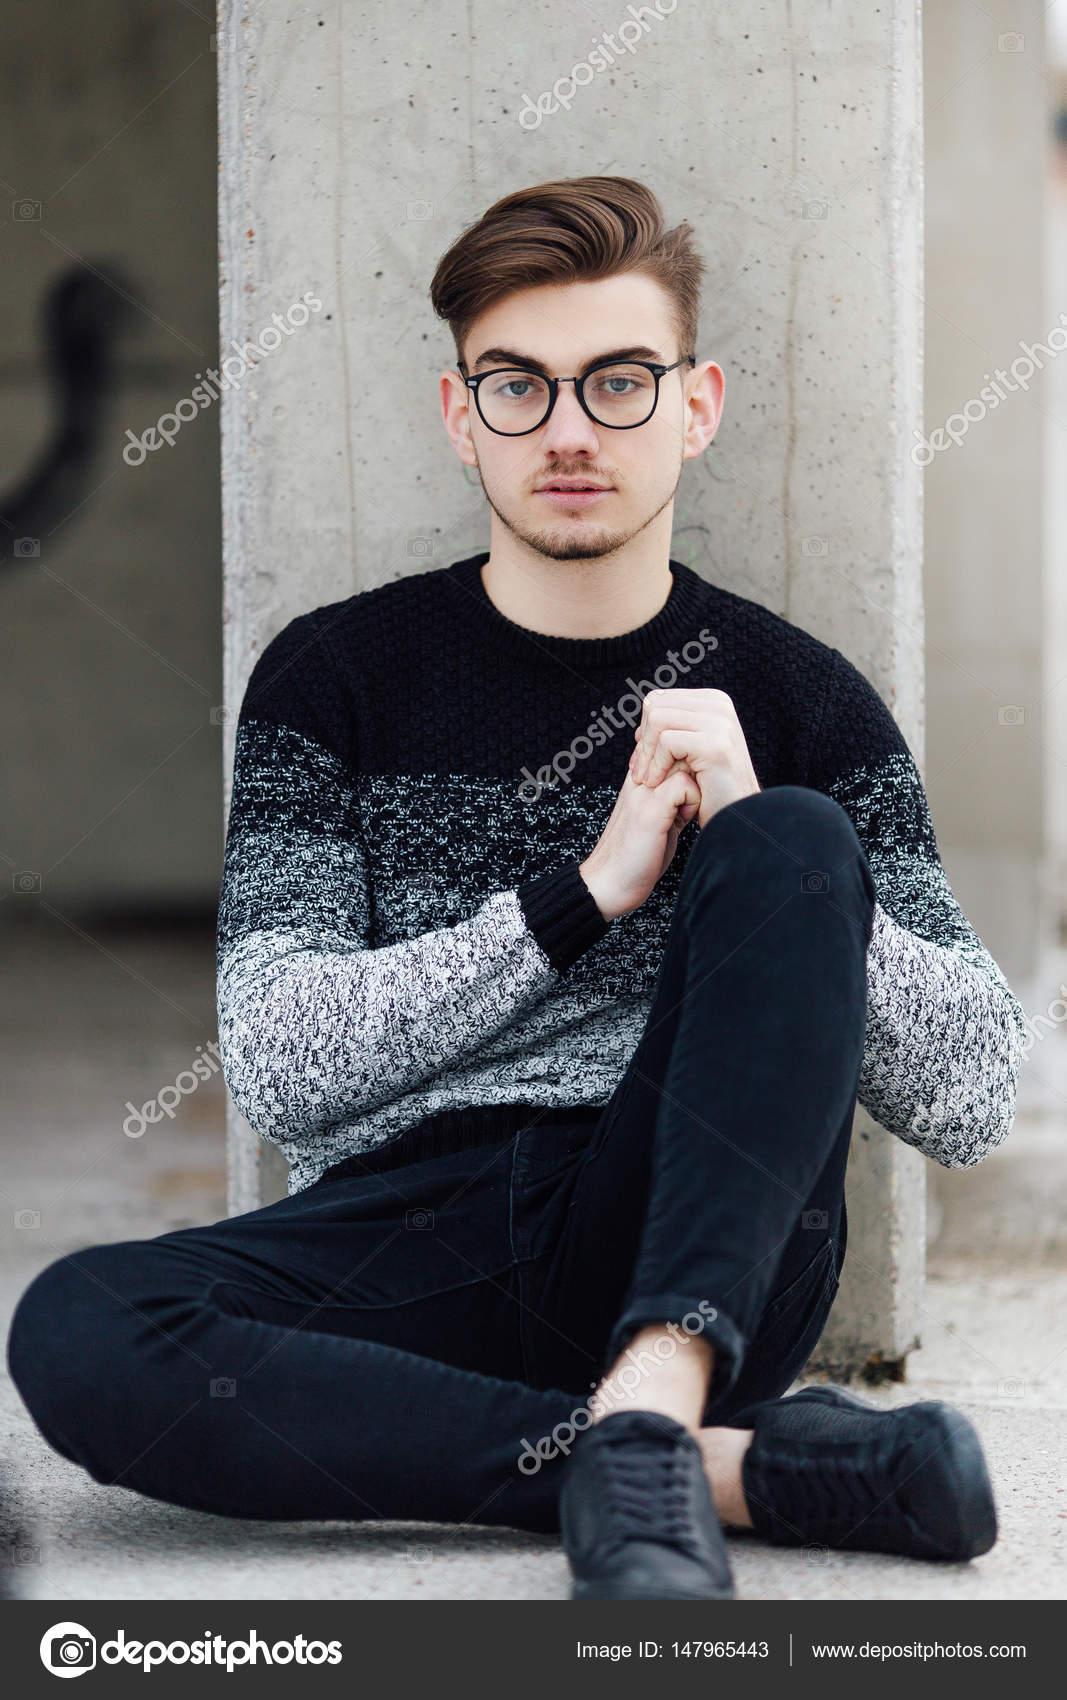 La mode homme assis près du mur avec des lunettes sur les mains– images de  stock libres de droits 66dbbf791600